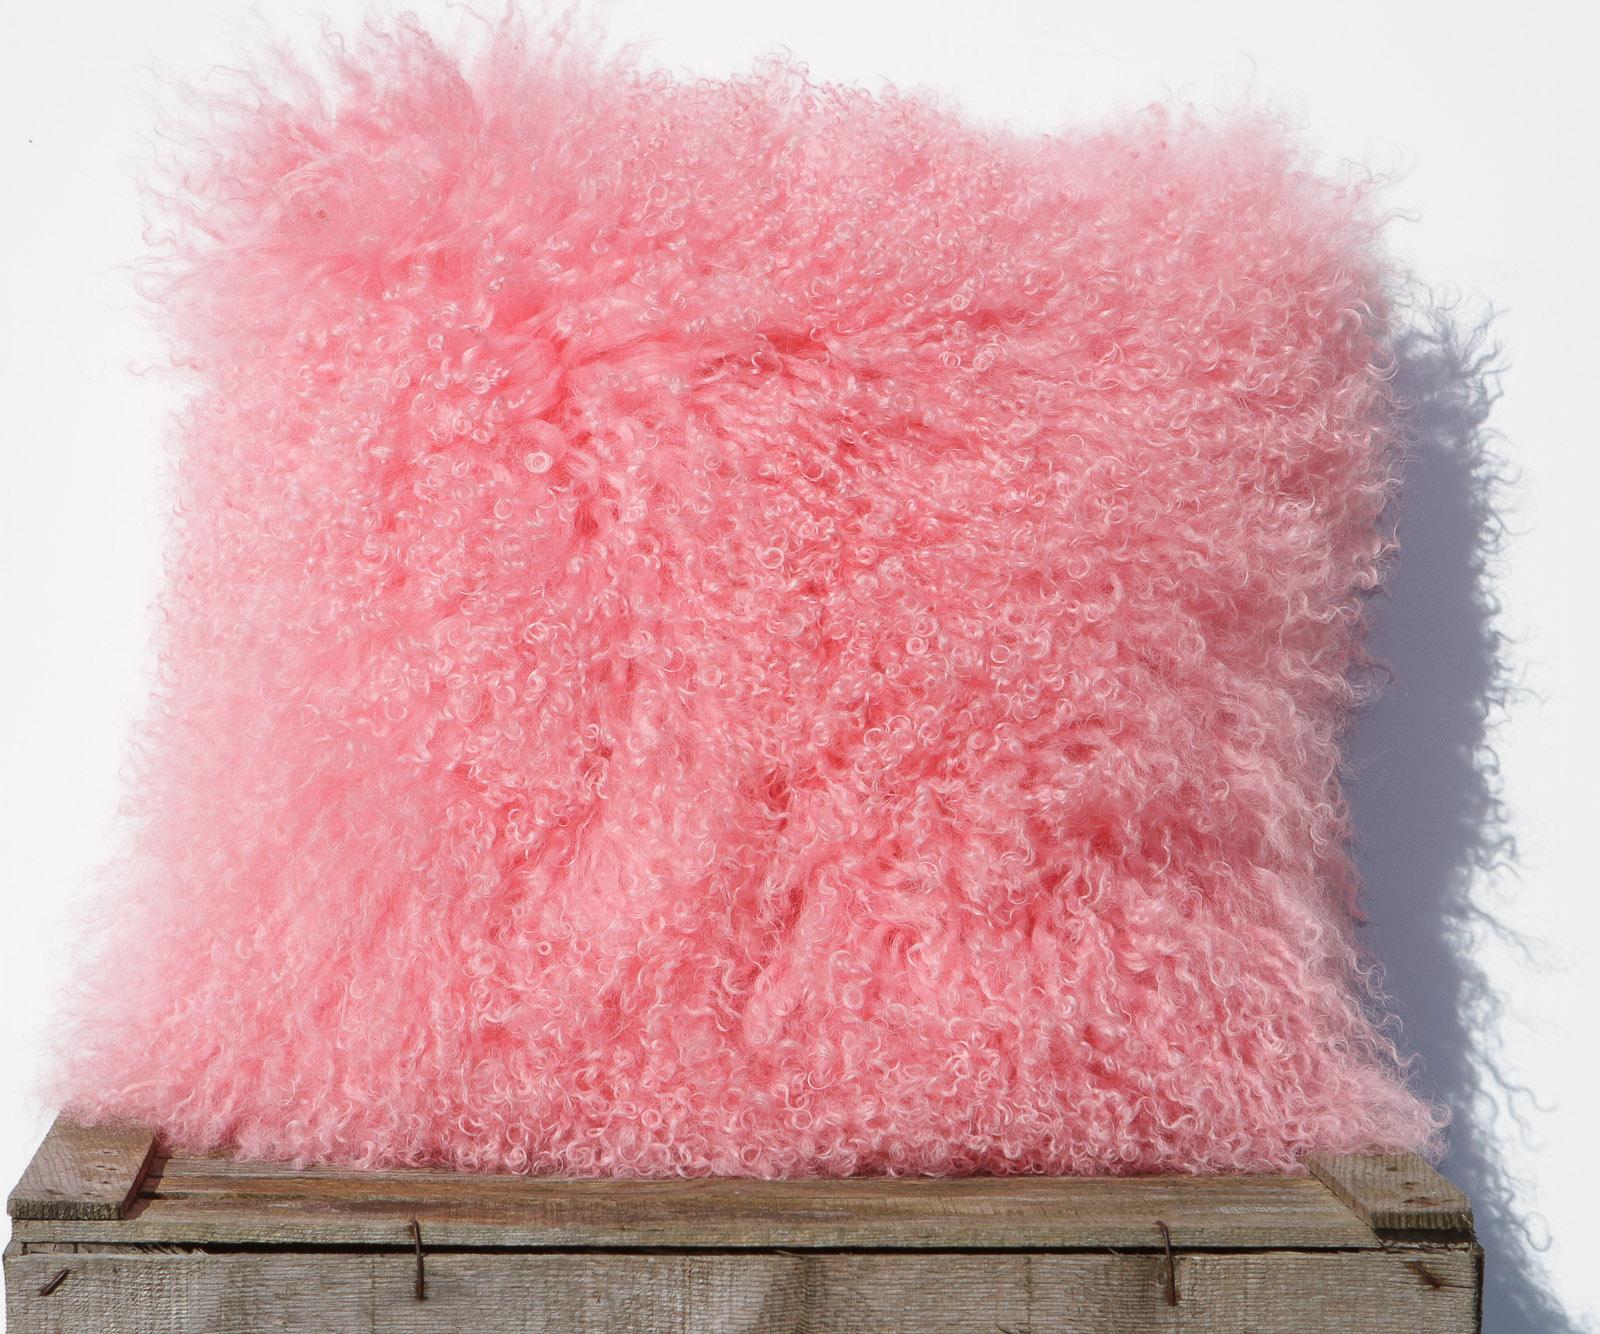 Tibet Lammfell Kissen Light Pink Tibetfell Sofakissen Zottelkissen Rosa 40 x 40 cm